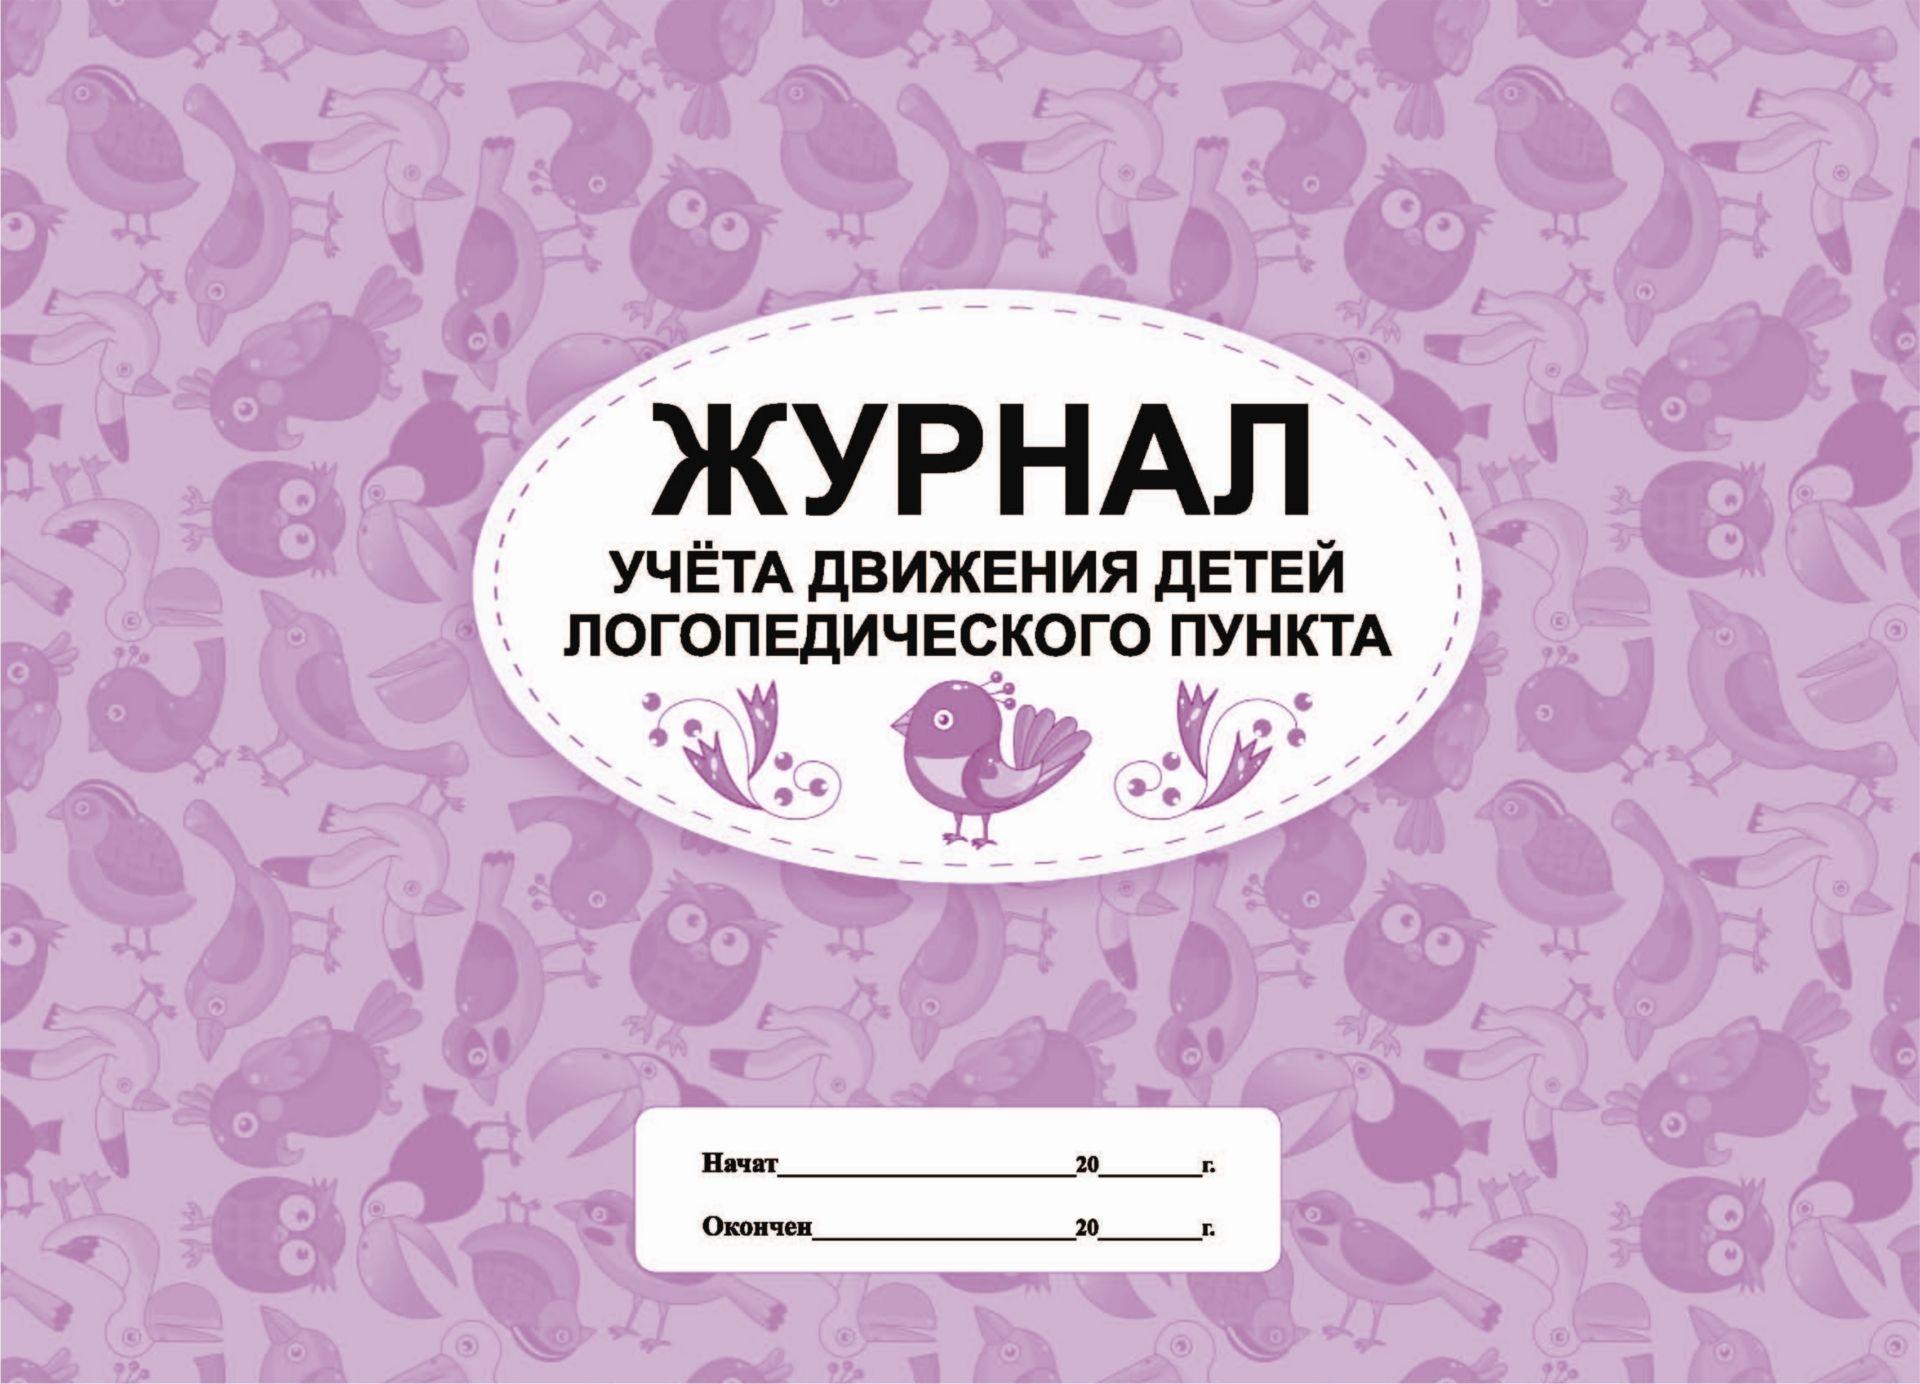 Журнал учета движения детей логопедического пункта